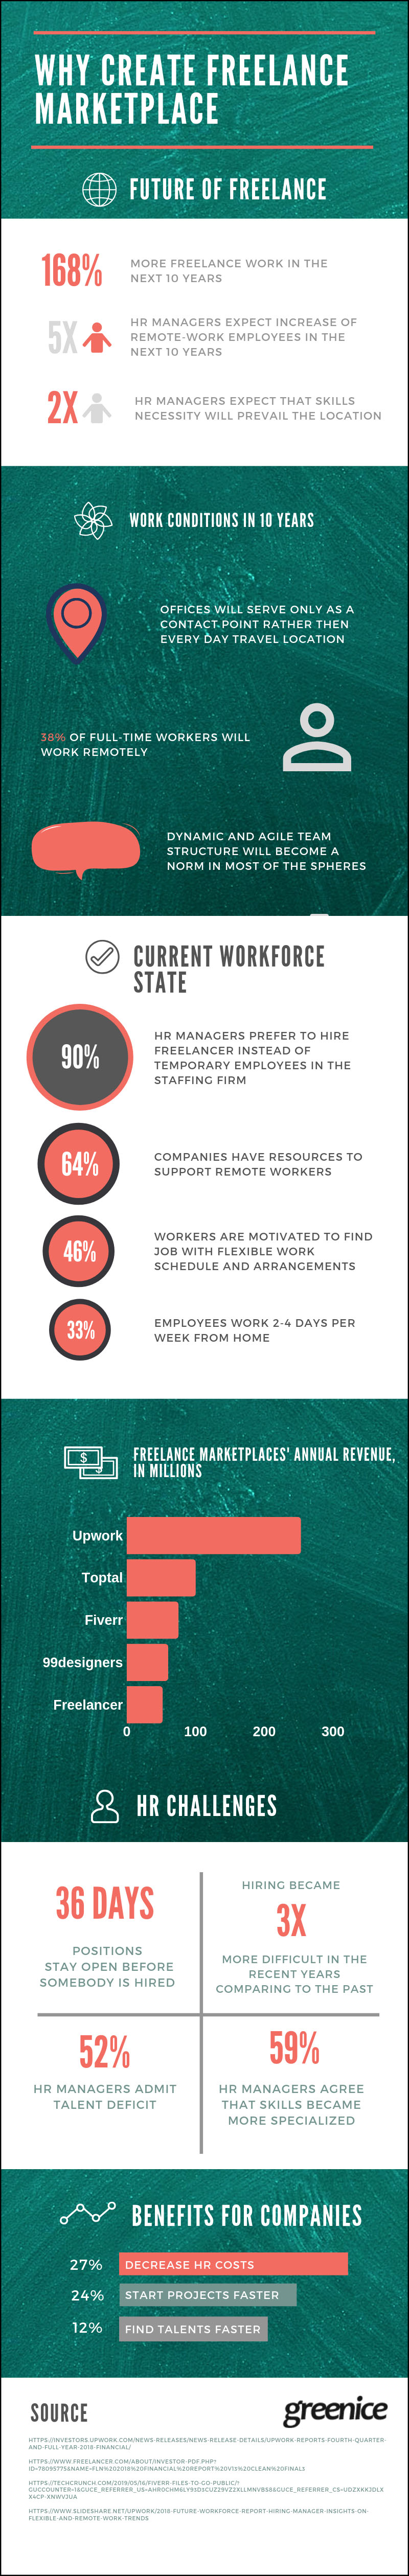 why creat freelance marketplace